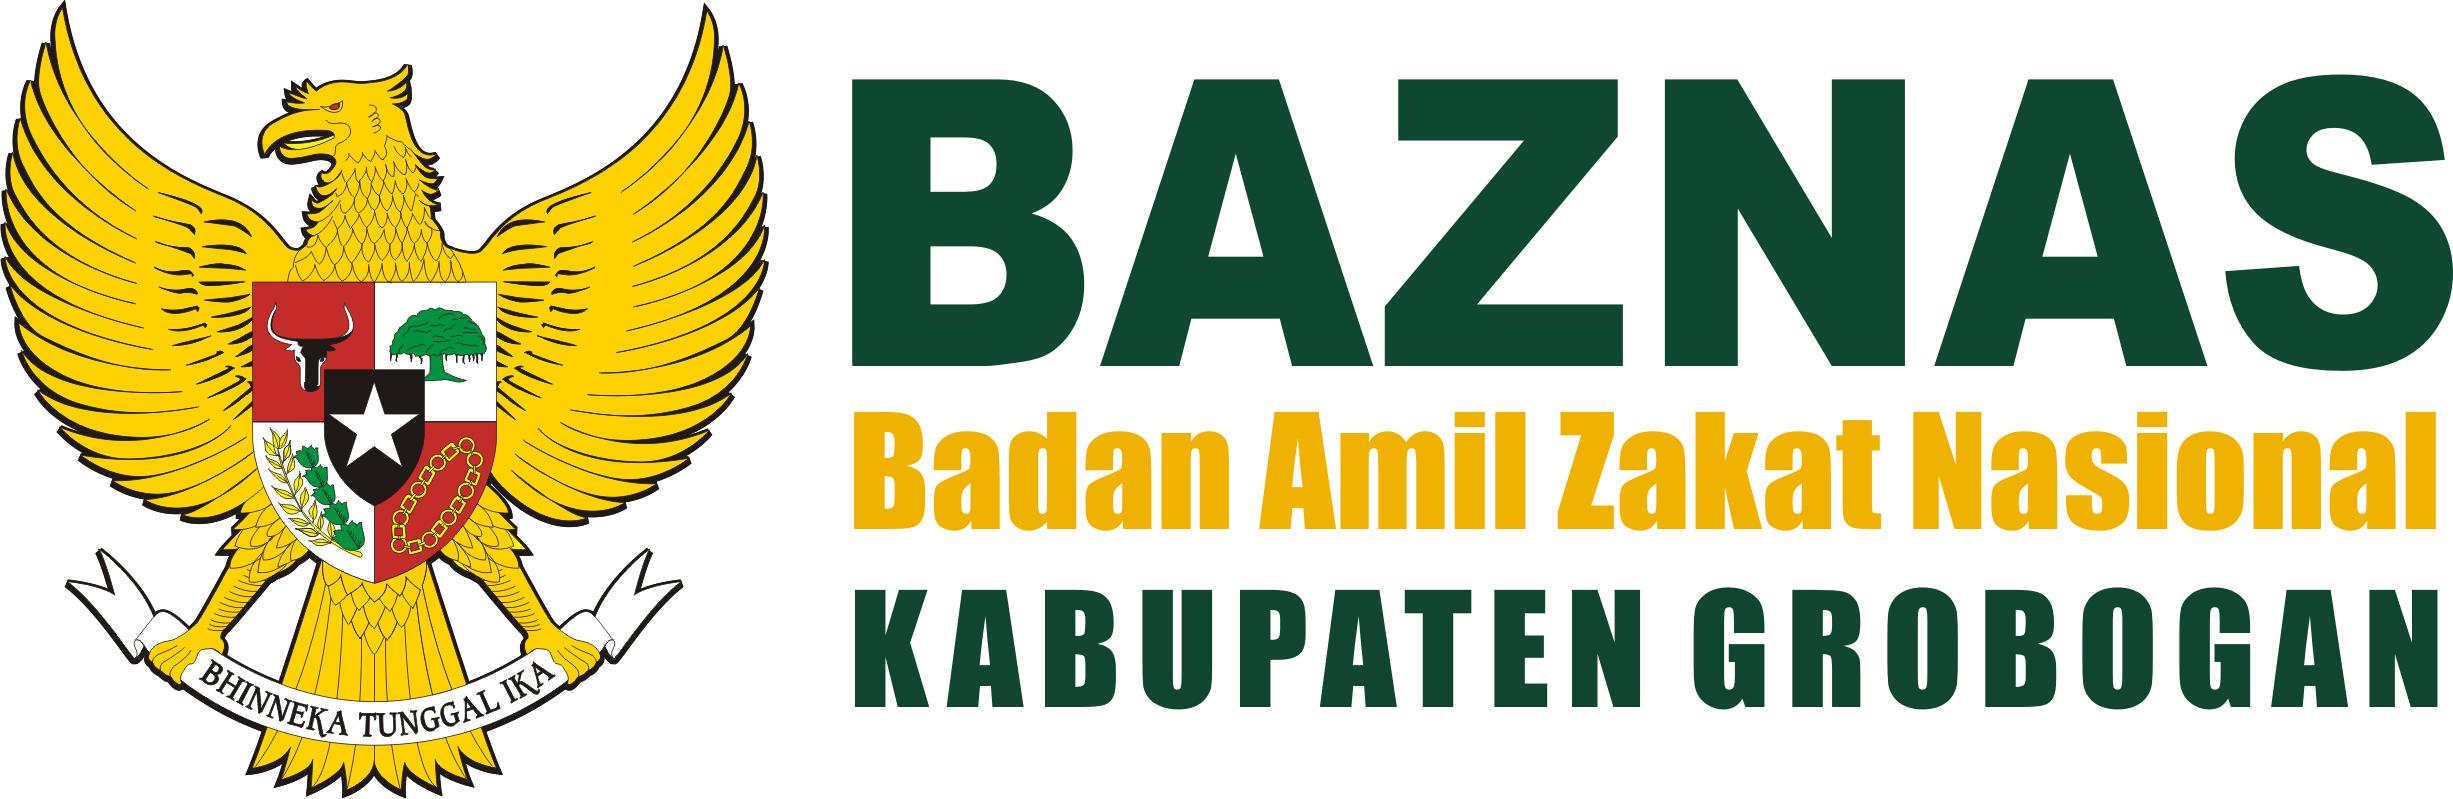 BAZNAS Kabupaten Grobogan